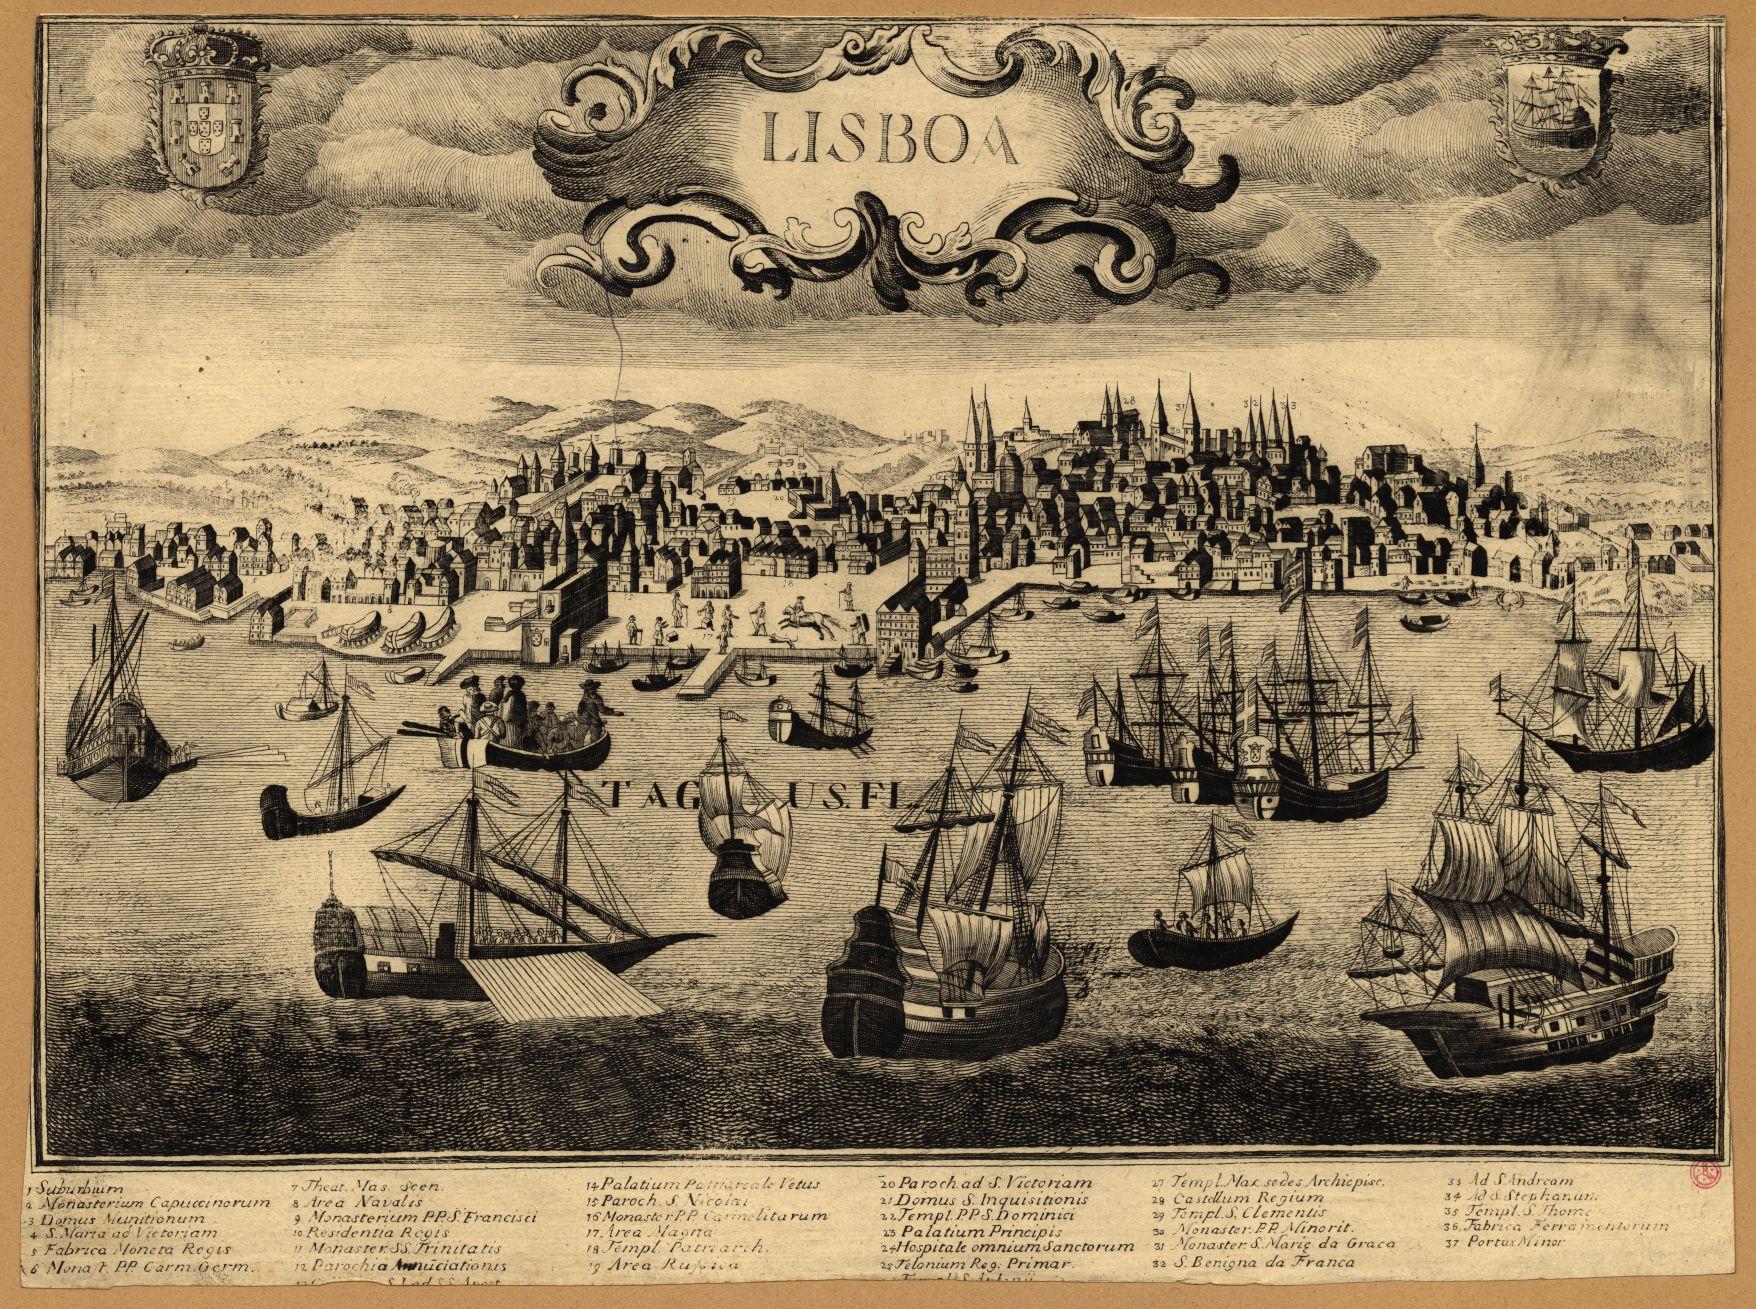 File:Lisboa 1650.jpg